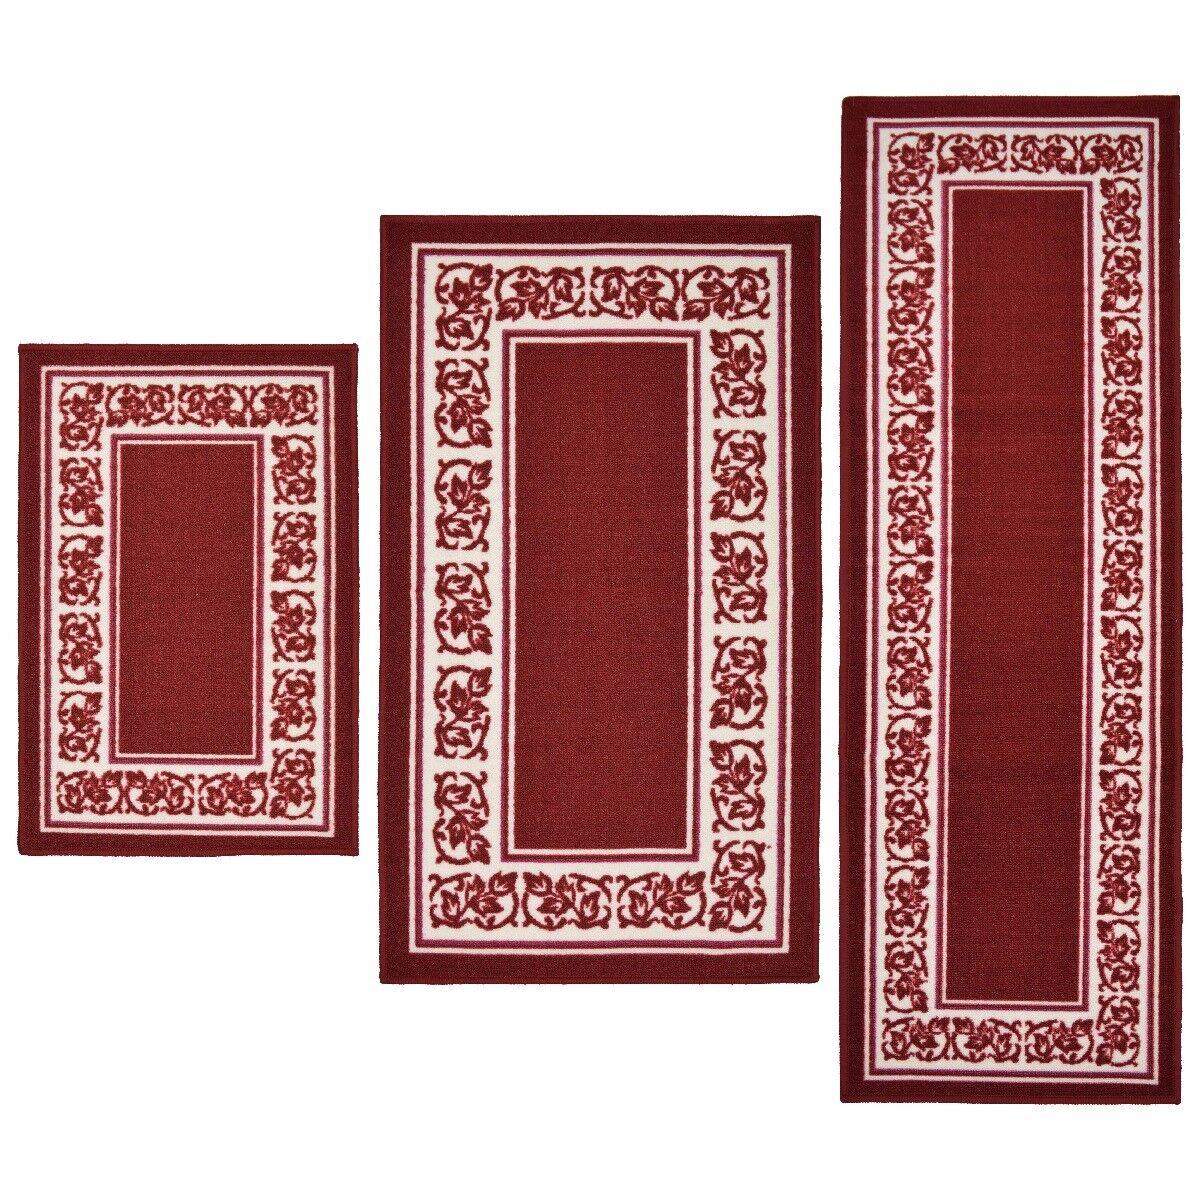 Throw Rugs 3 Piece Set Red Kitchen Bath Bedroom Area Floor M